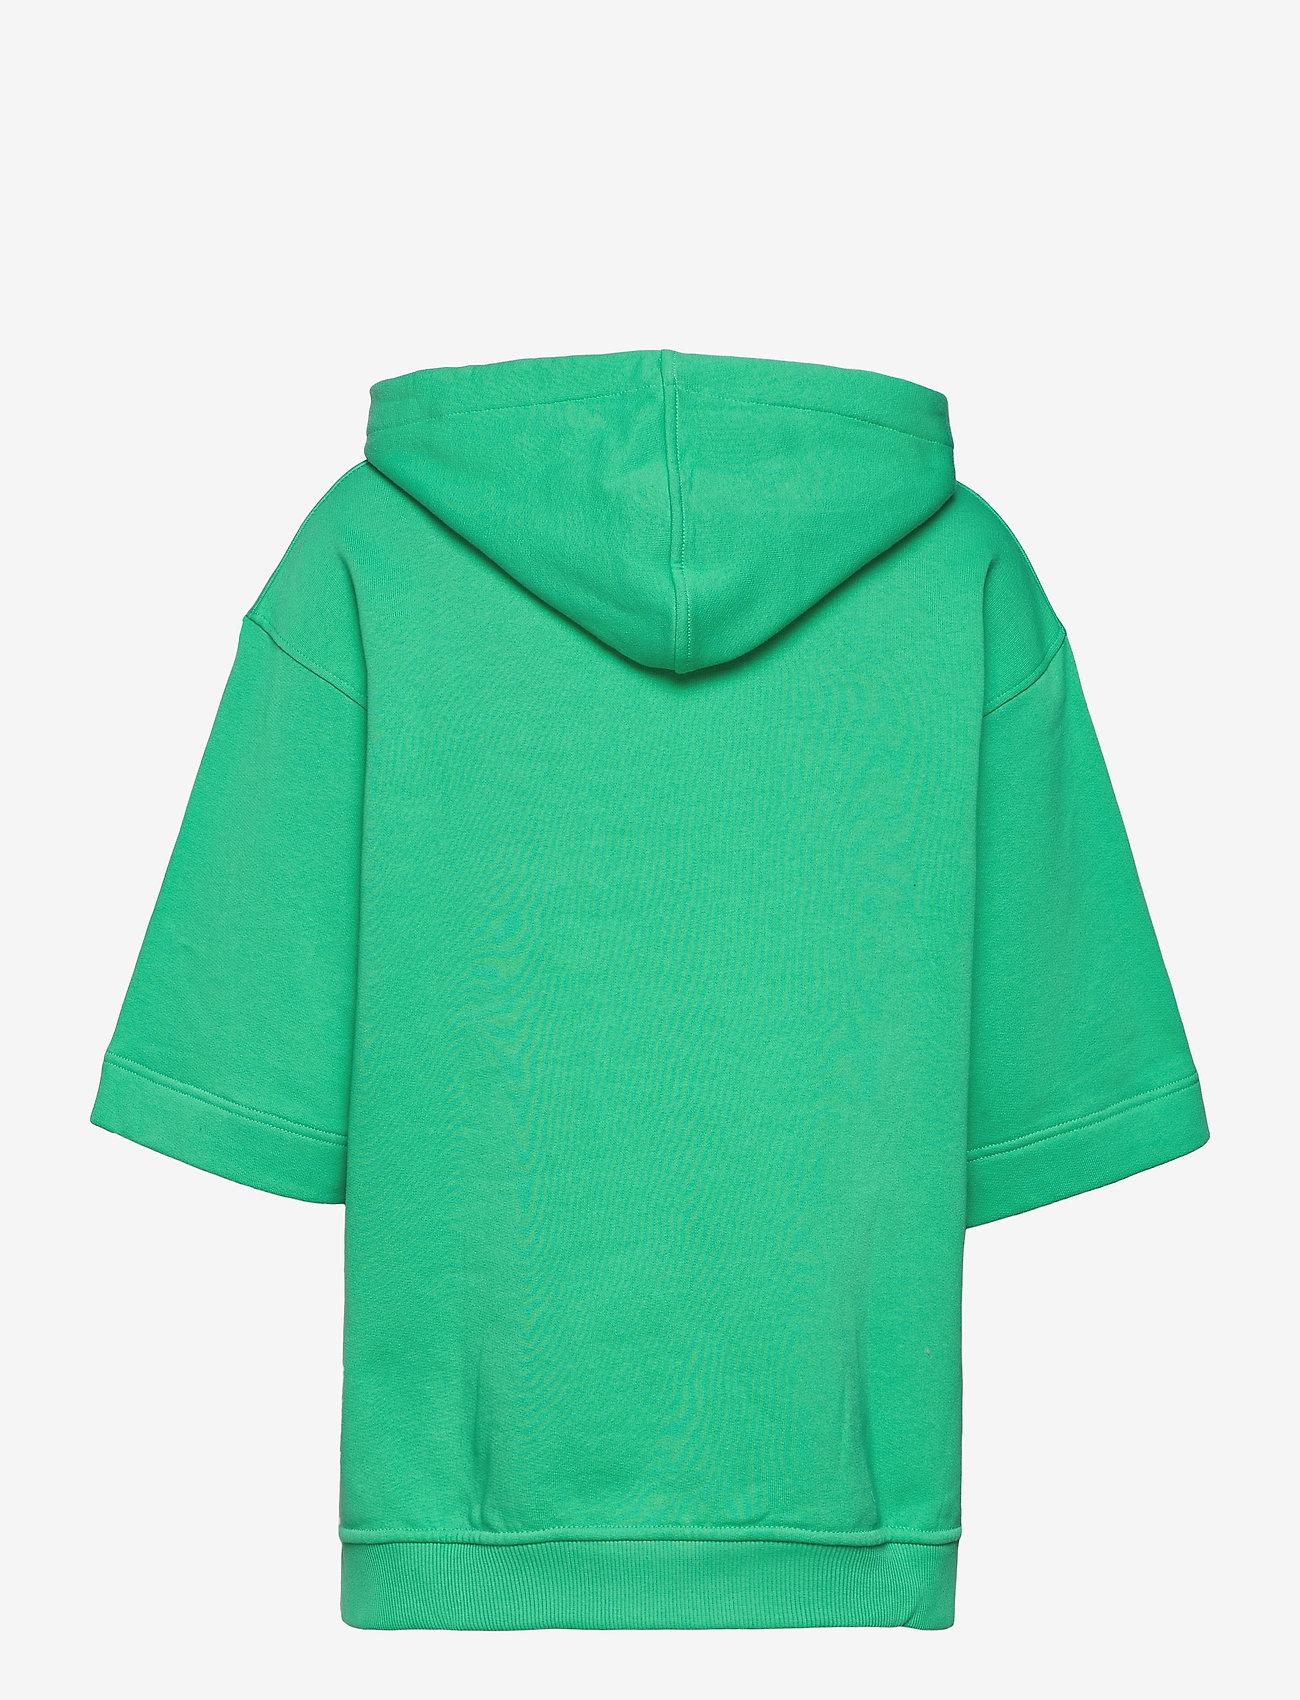 Baum und Pferdgarten - JURA - sweatshirts & hættetrøjer - gumdrop green - 1